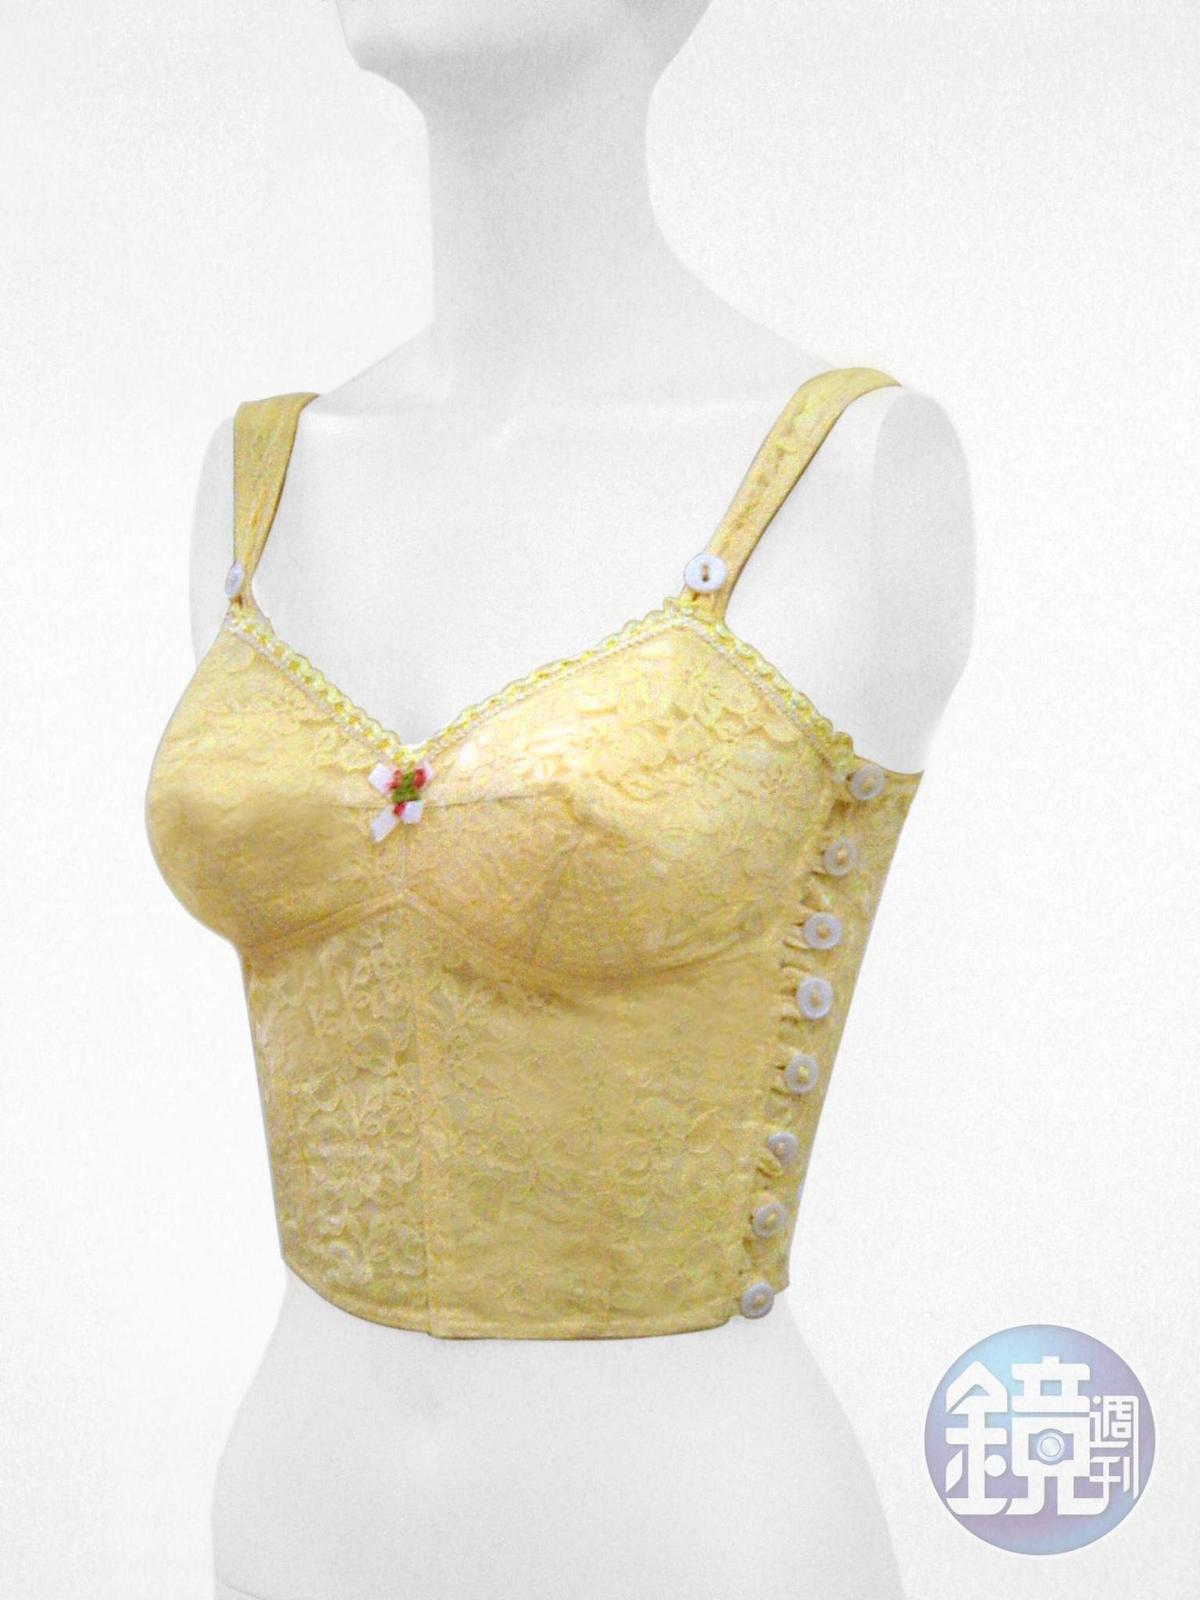 鄧民華母親時代的訂製塑身衣,罩杯皆為無鋼圈,鈕扣式設計穿脫不易。(蘿琳亞提供)